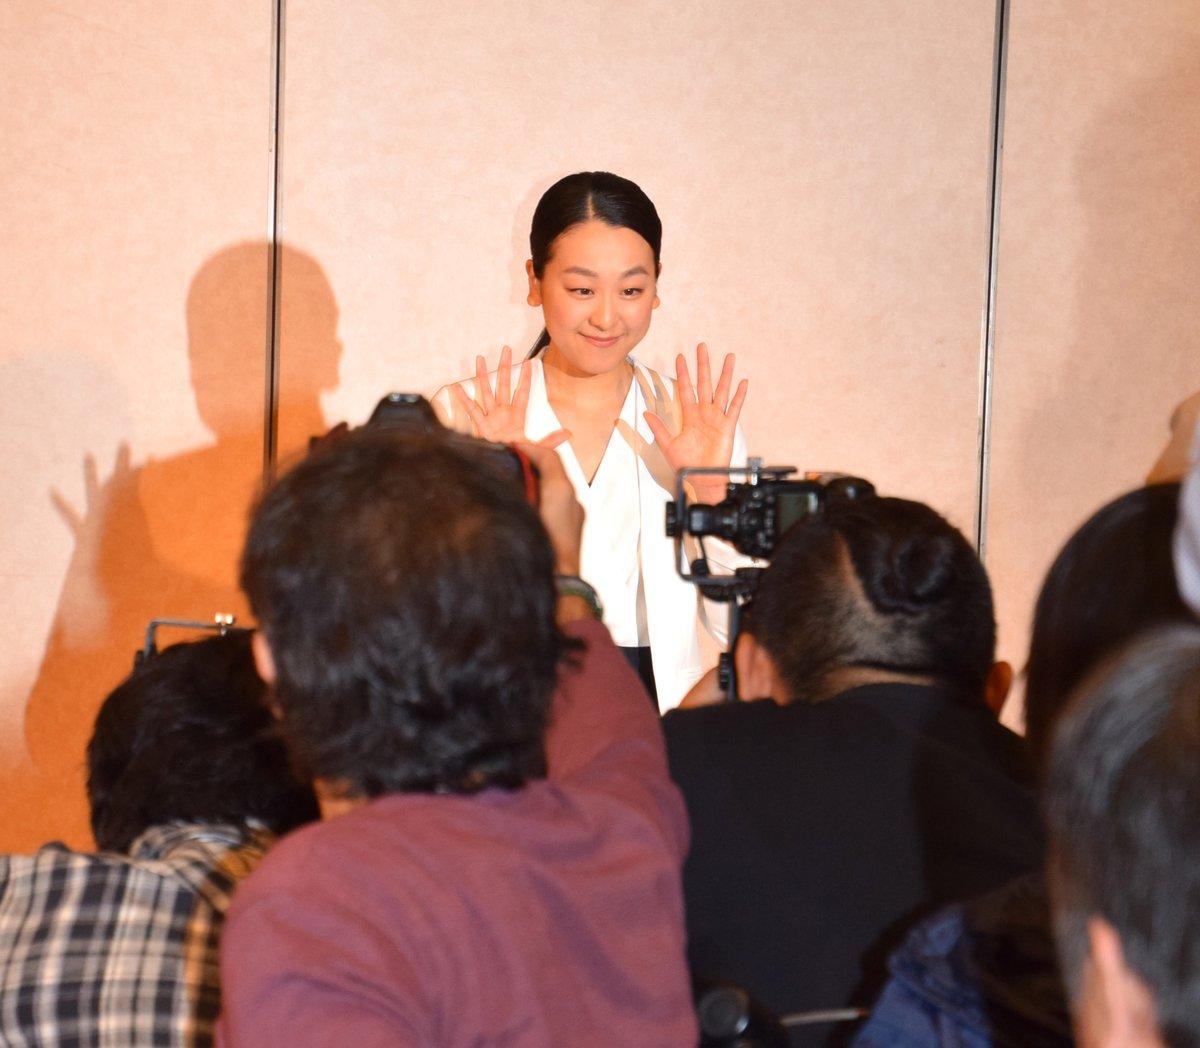 浅田真央の引退会見「結婚予定は?」の質問に「ない」も「お相手がいれば…」と笑顔で応じる